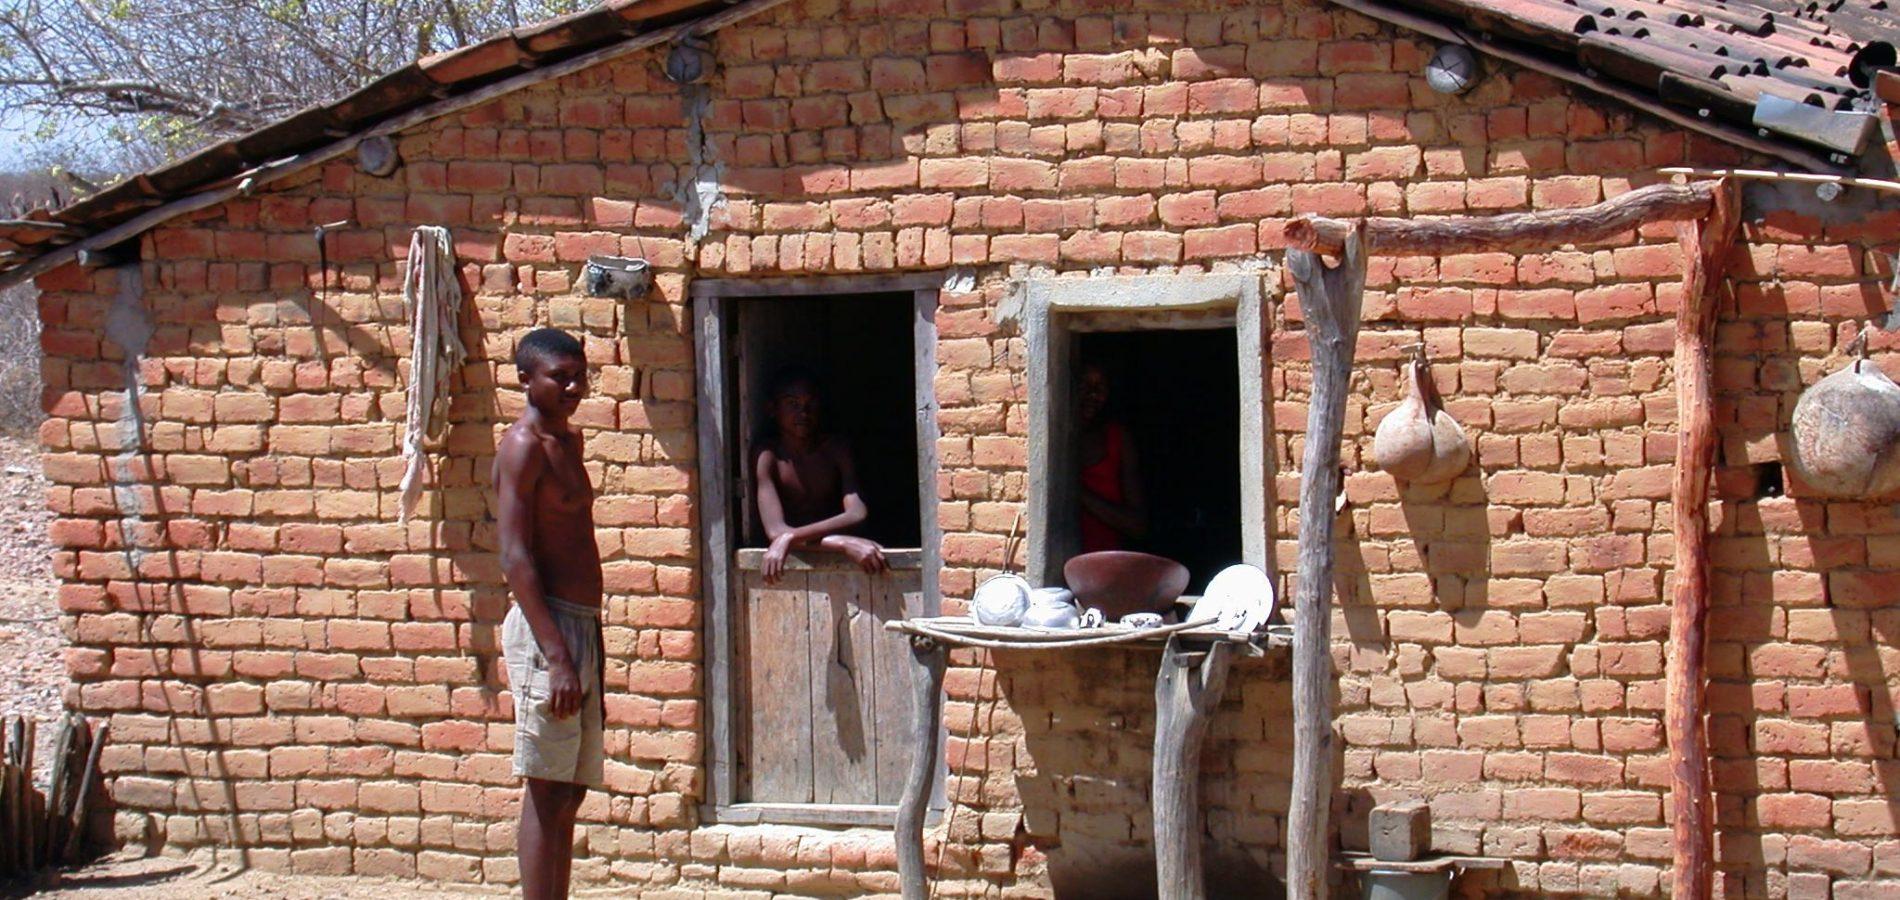 No Piauí, quase metade da população permanece com renda per capita inferior a R$ 420 por mês